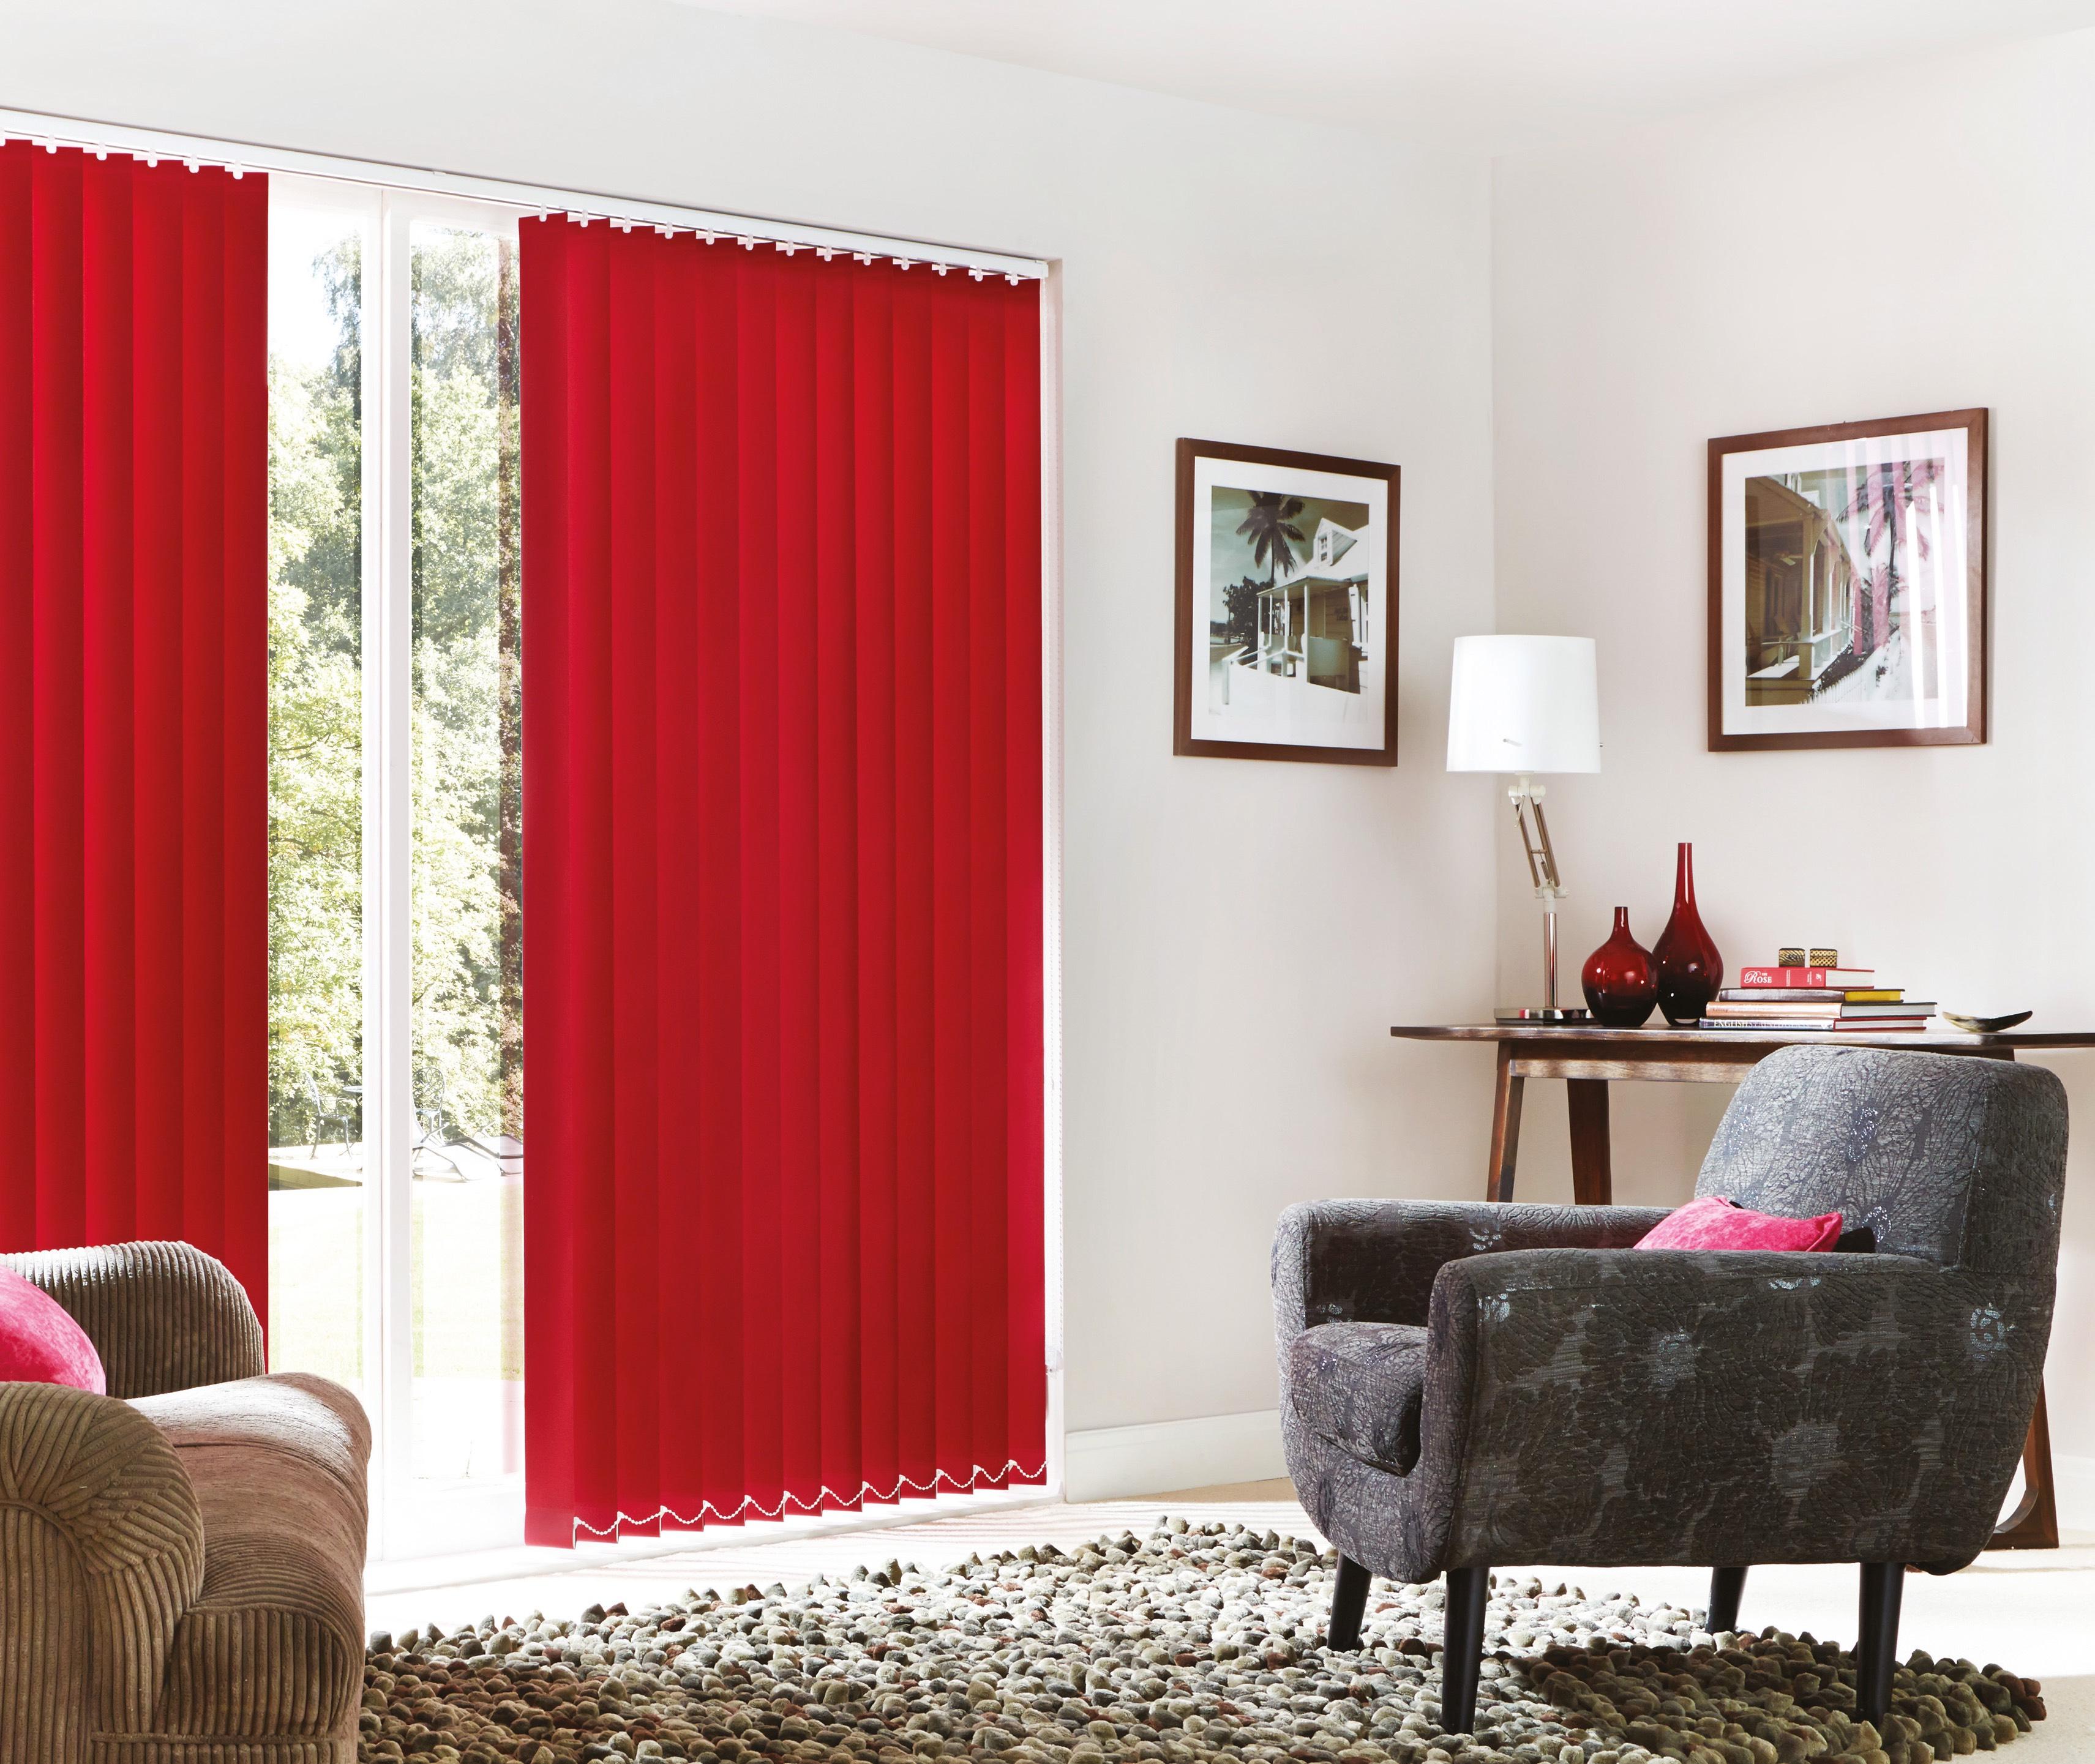 Room shot of red vertical blinds